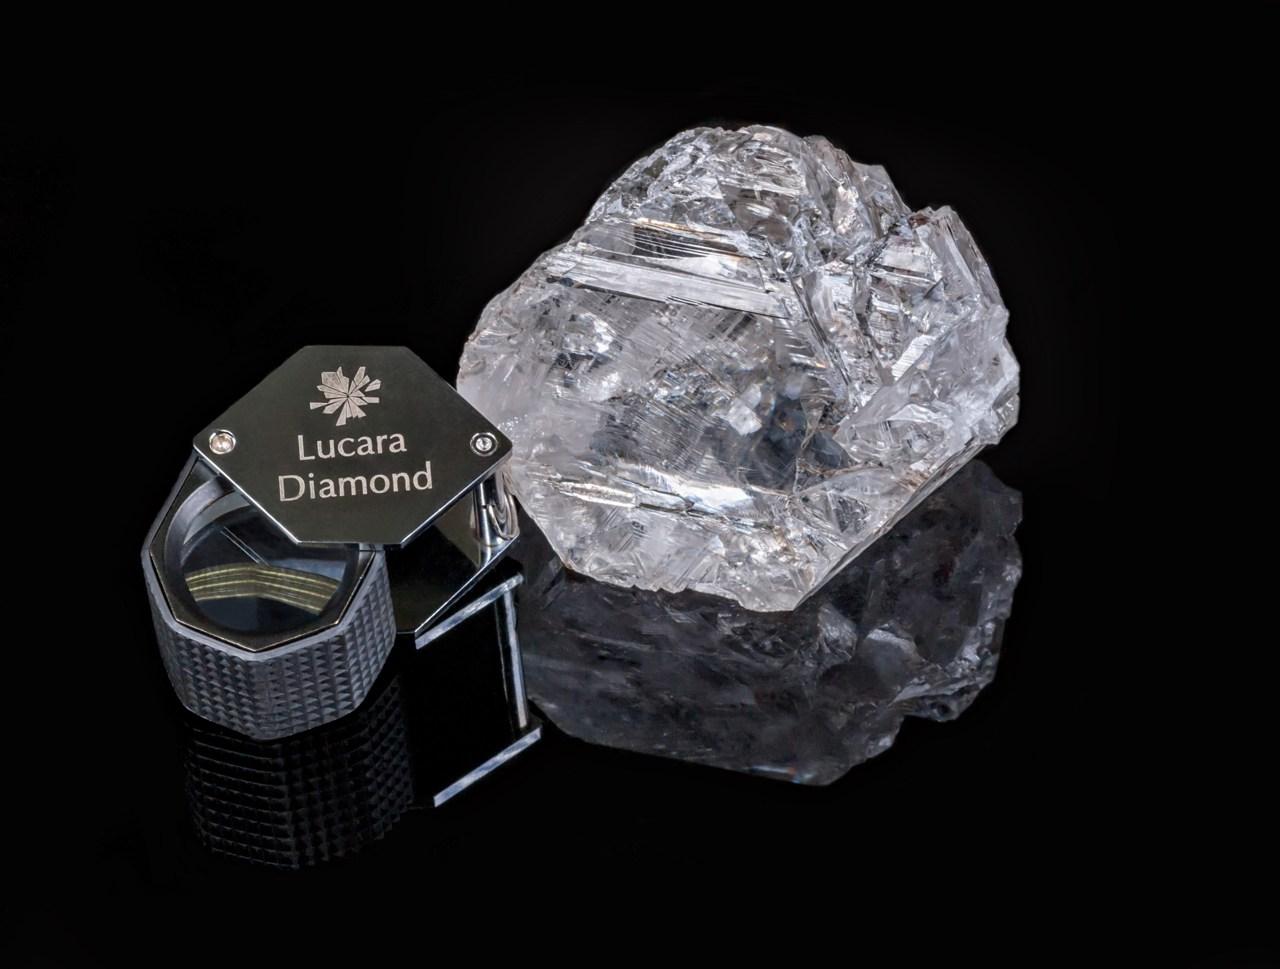 Botswana-trovato-il-diamante-più-grande-al-mondo-di-1.111-carati